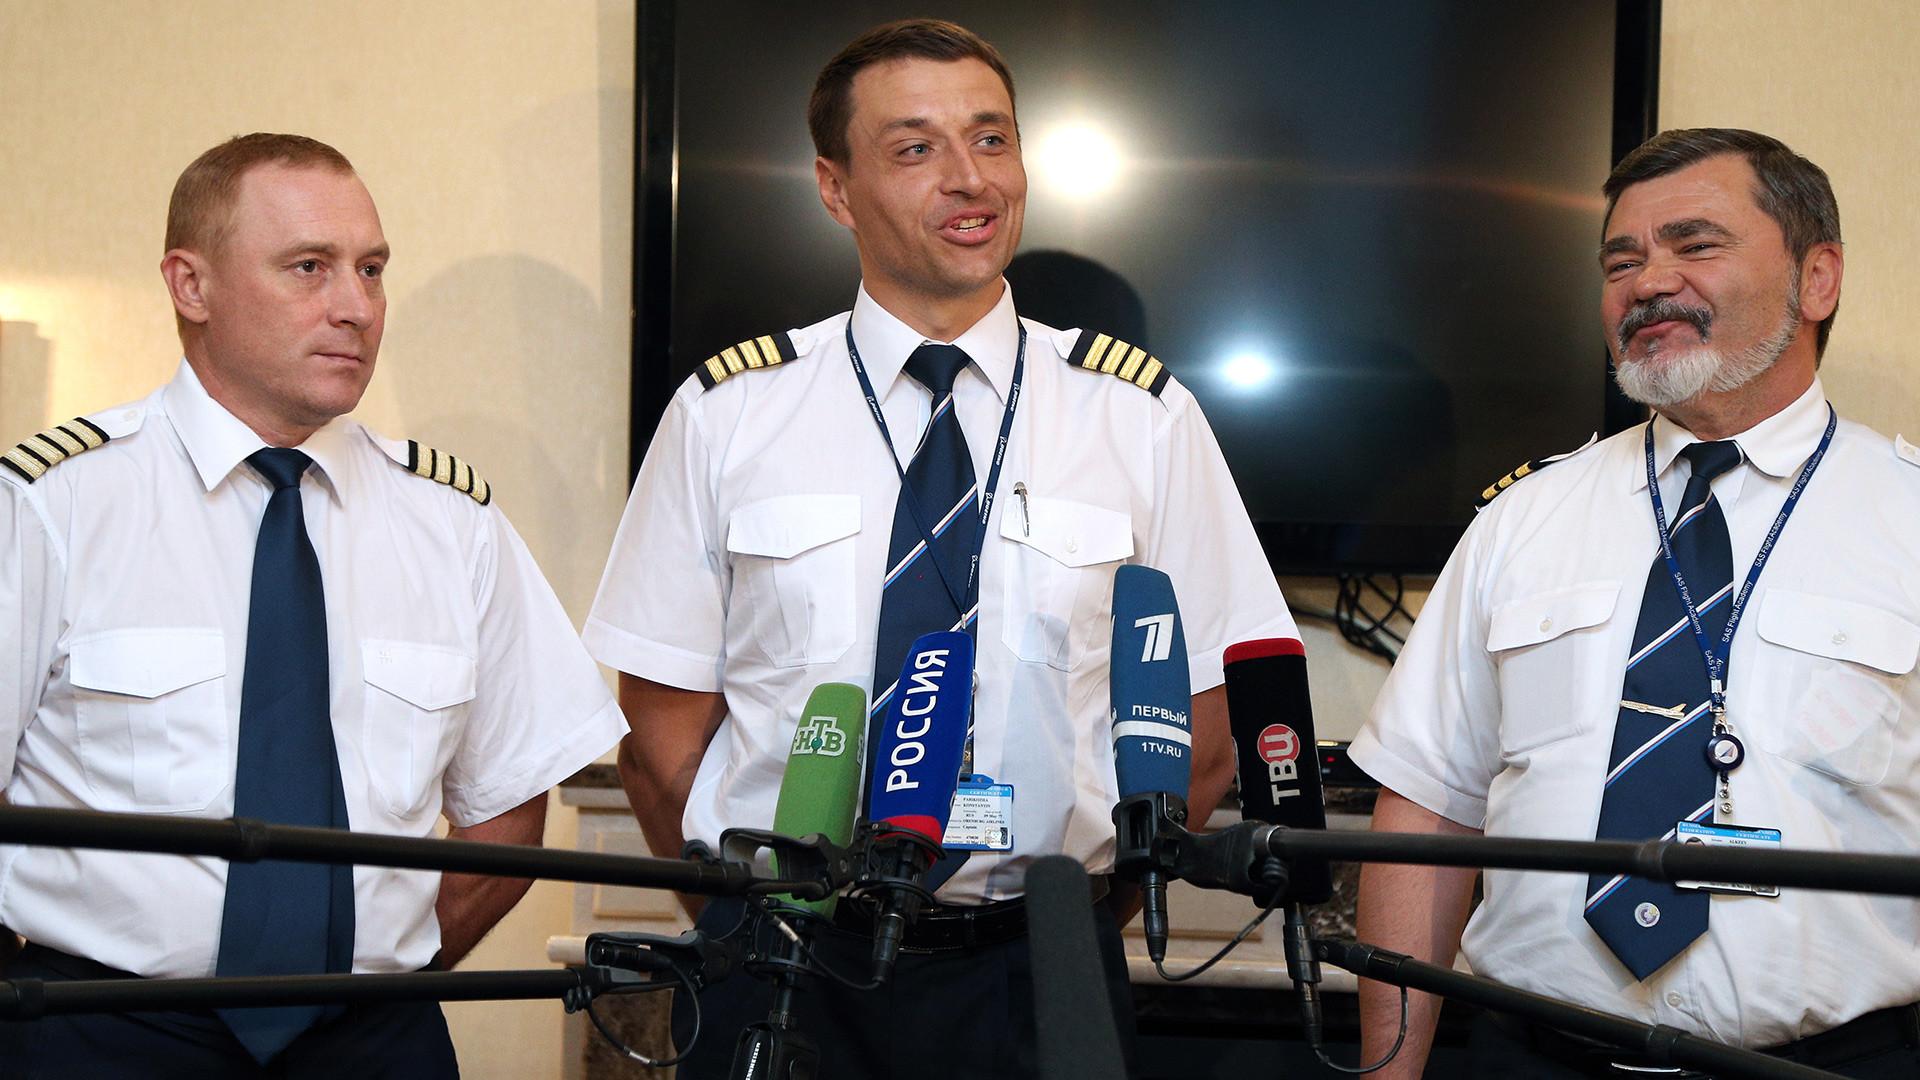 """Посада авиона Boeing 777 200 компаније """"Оренгбургские авиалинии"""": Андреј Карташов, Константин Парикожа и Дмитриј Алкејев (слева надесно)."""